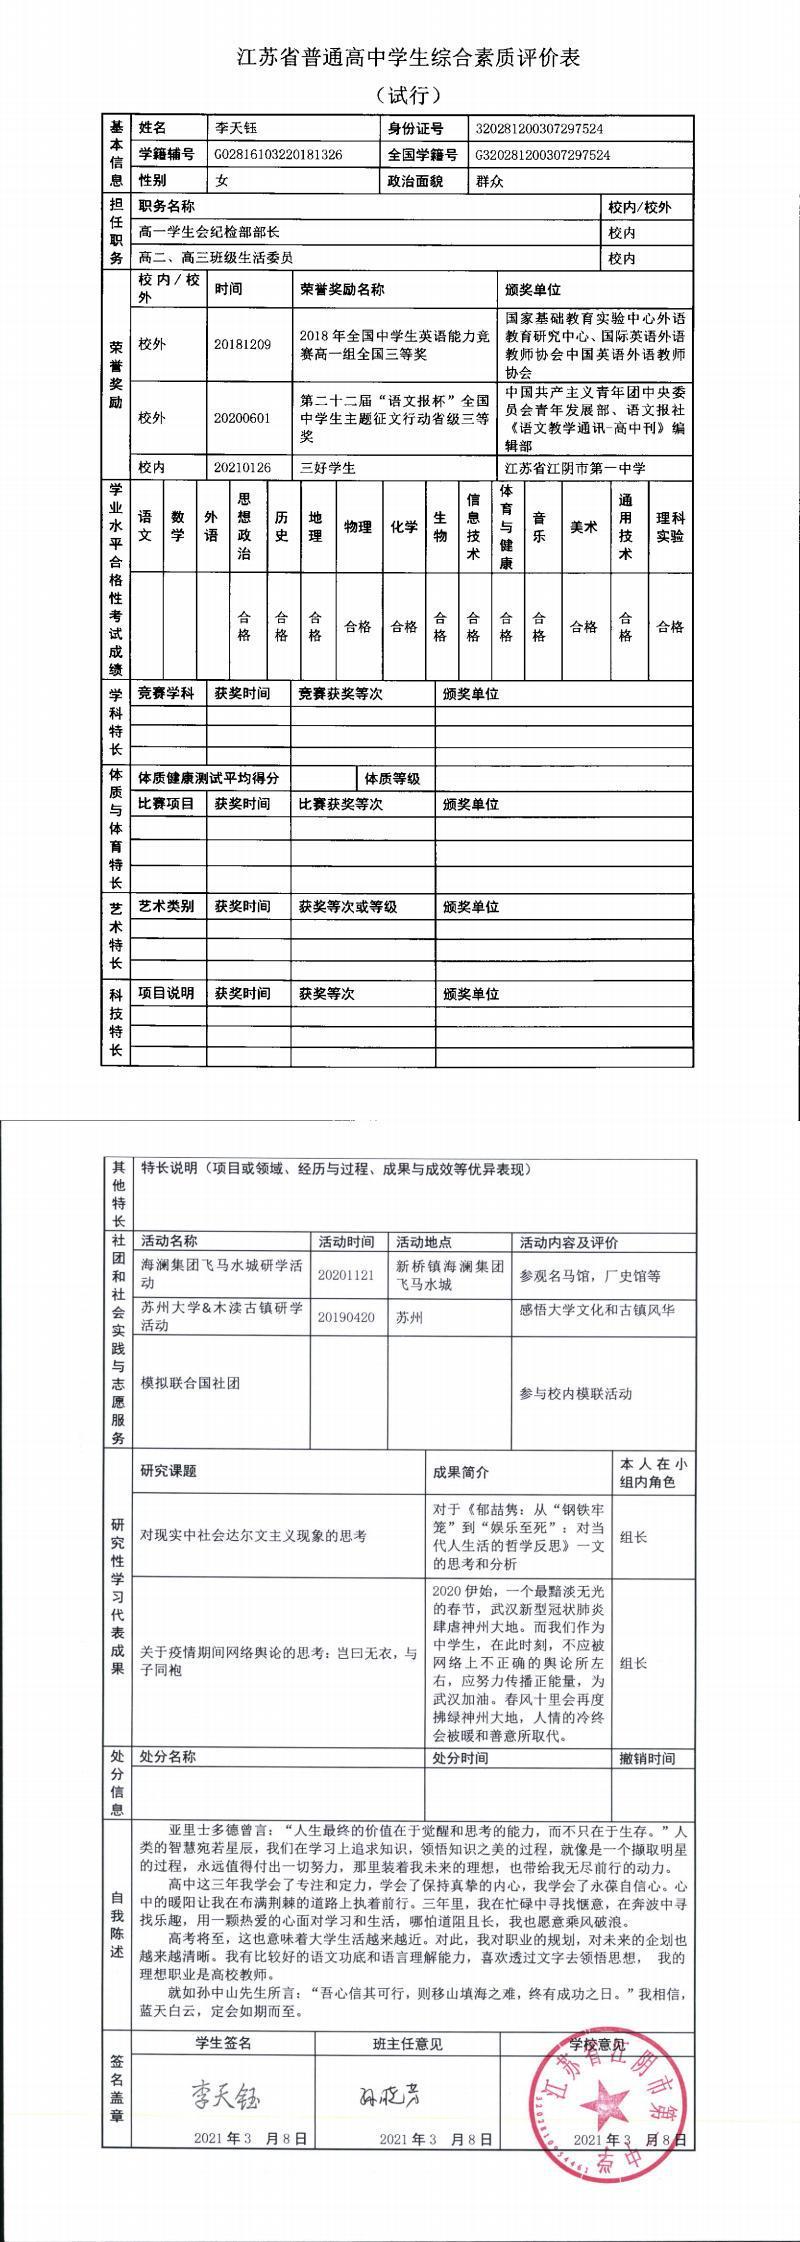 综合素质评价李天钰_0.jpg